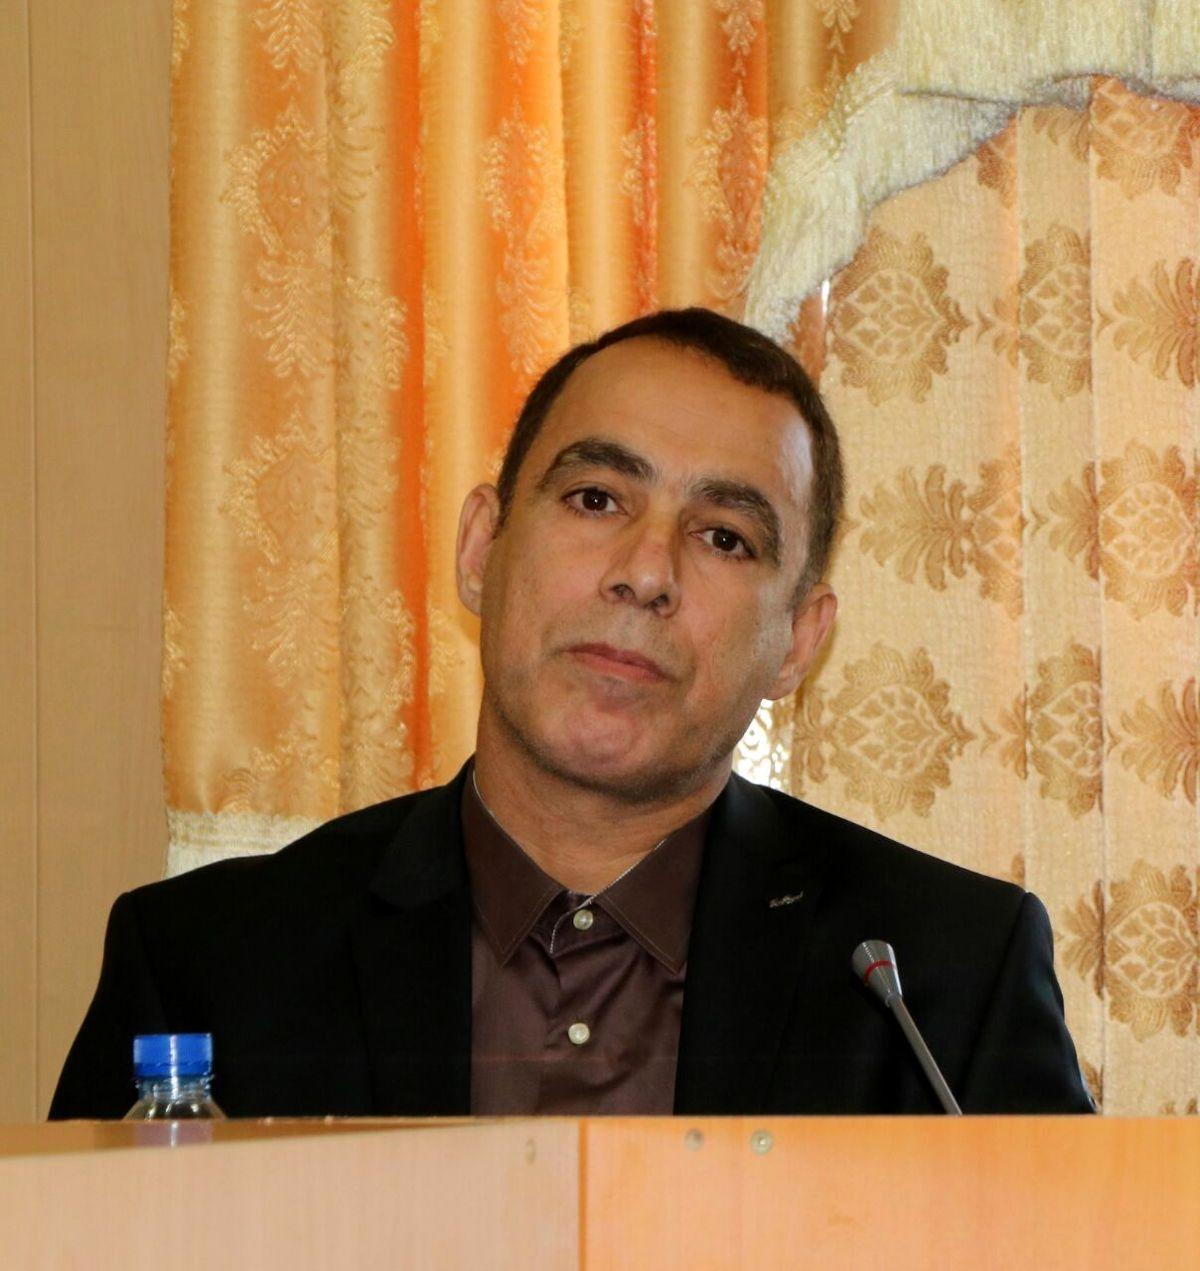 تردد تانکرهای حامل گاز کُلر از شهر مهران ممنوع شد